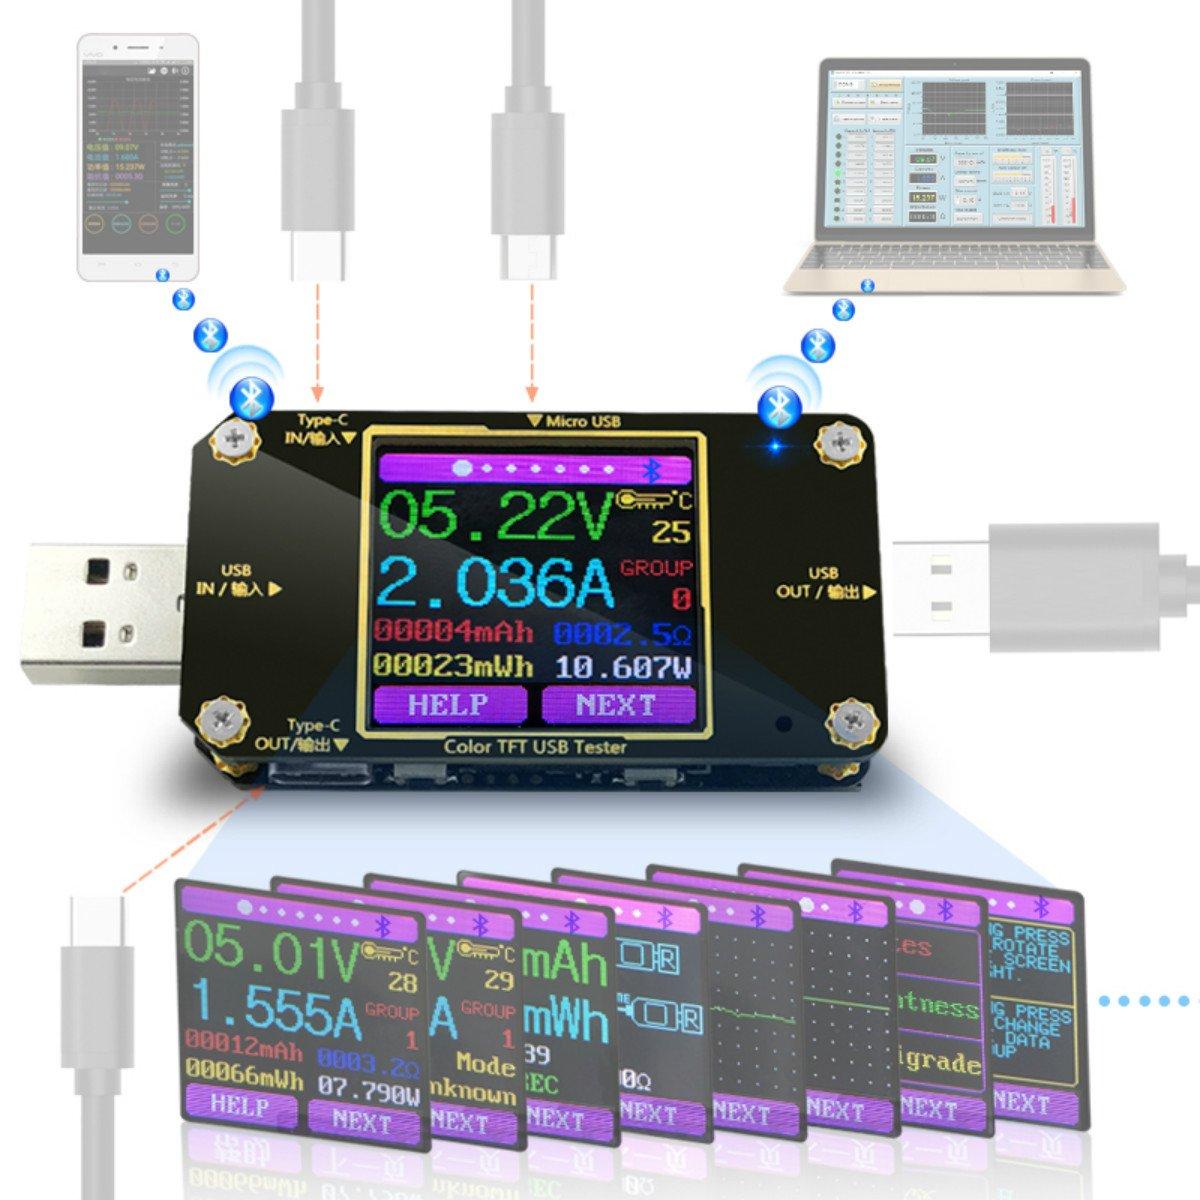 USB Tester Voltmeter USB Voltage Tester and Current Tester USB Power Meter Digital Voltage Tester Display Color USB Multimeter Tester Multi-Function Type-C PD Ammeter Detector Voltmeter